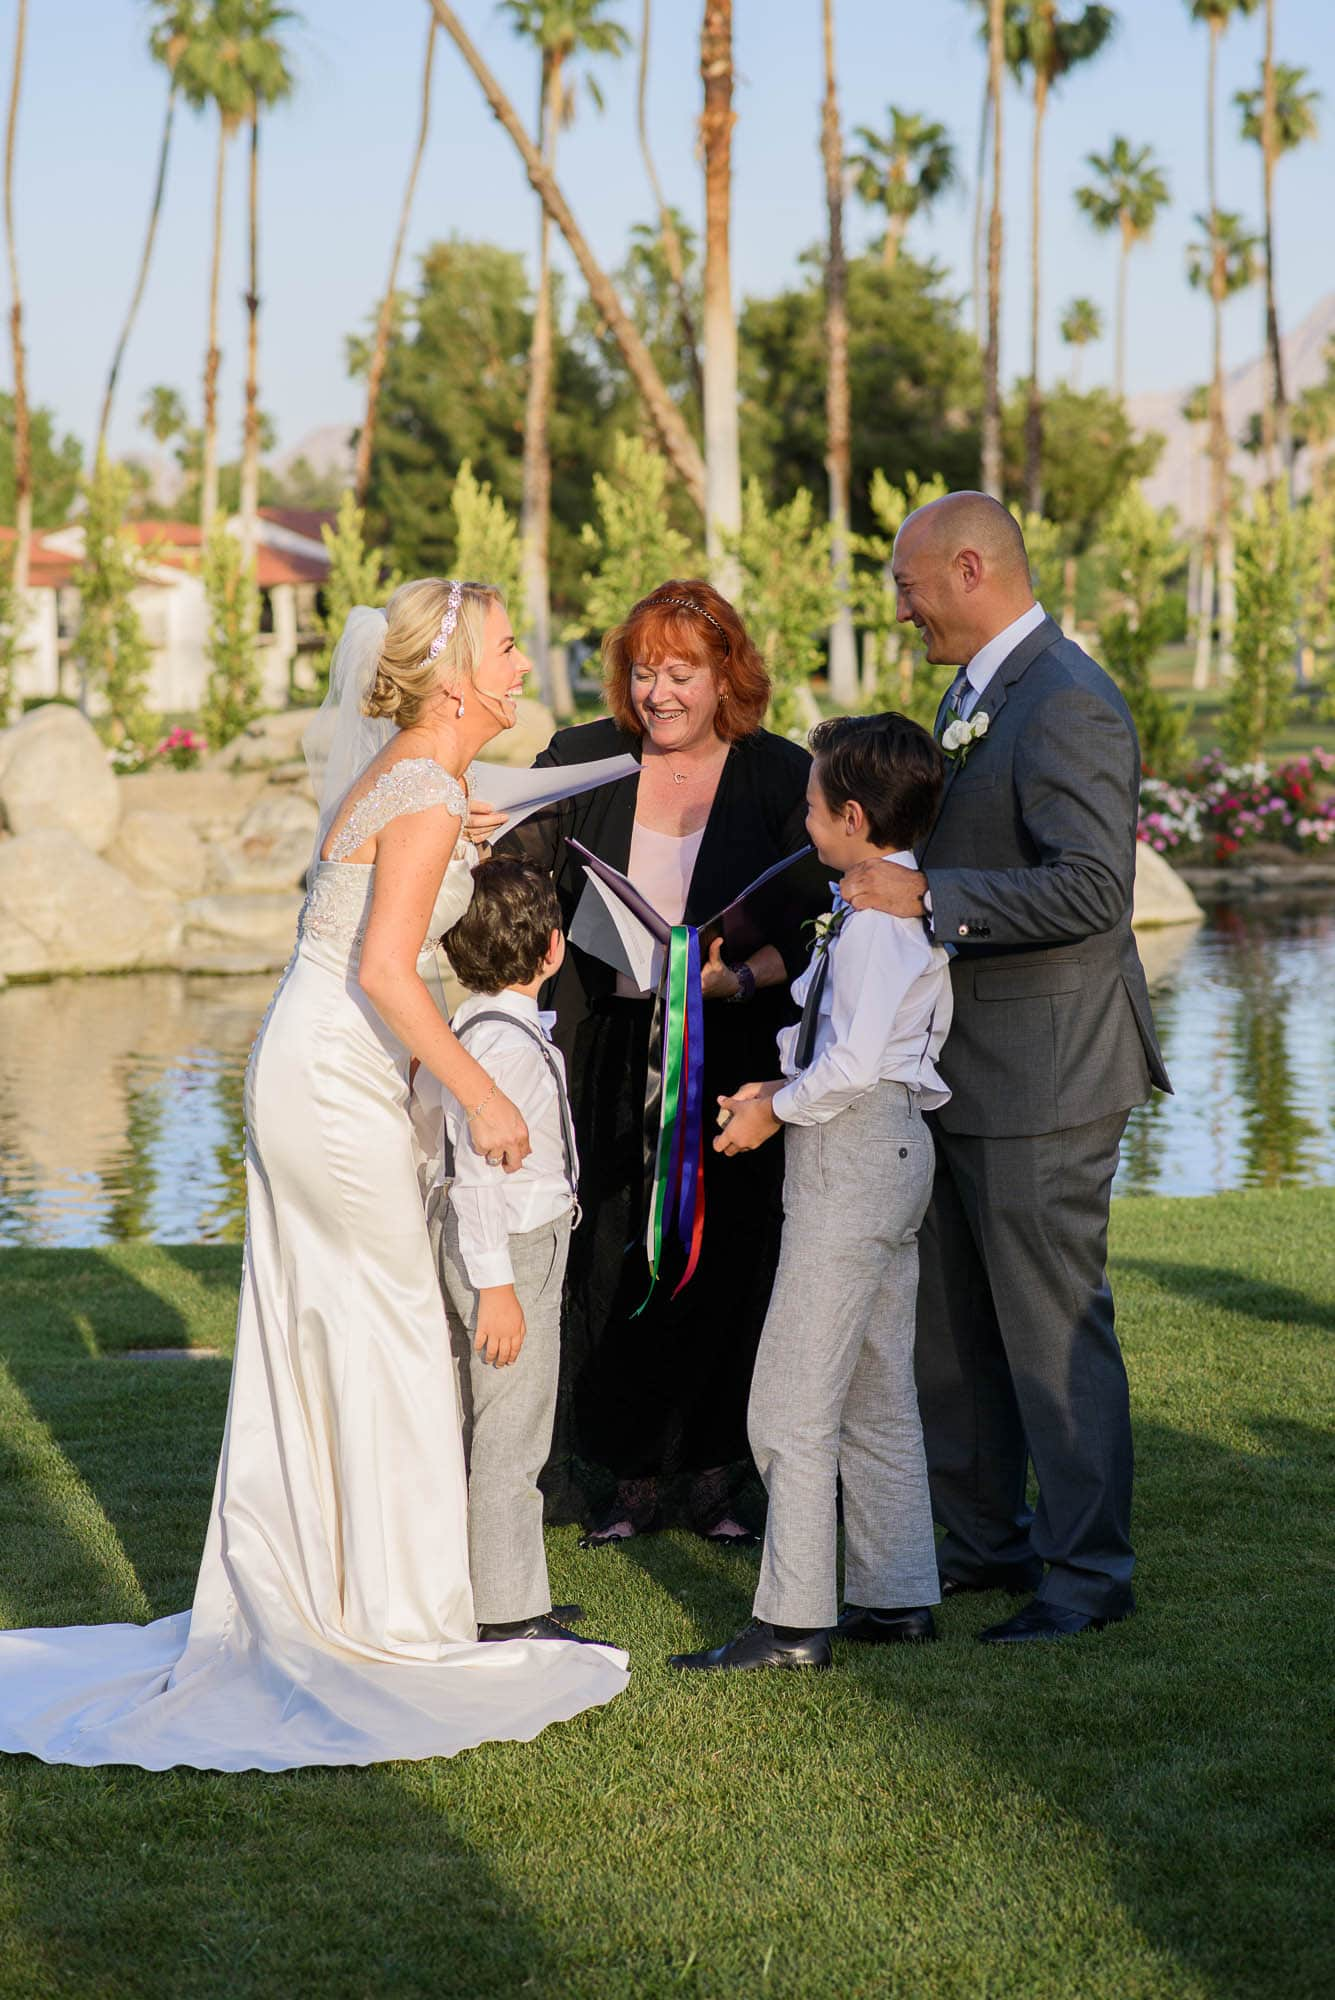 038_Alan_and_Heidi_Wedding_Amanda_Chad